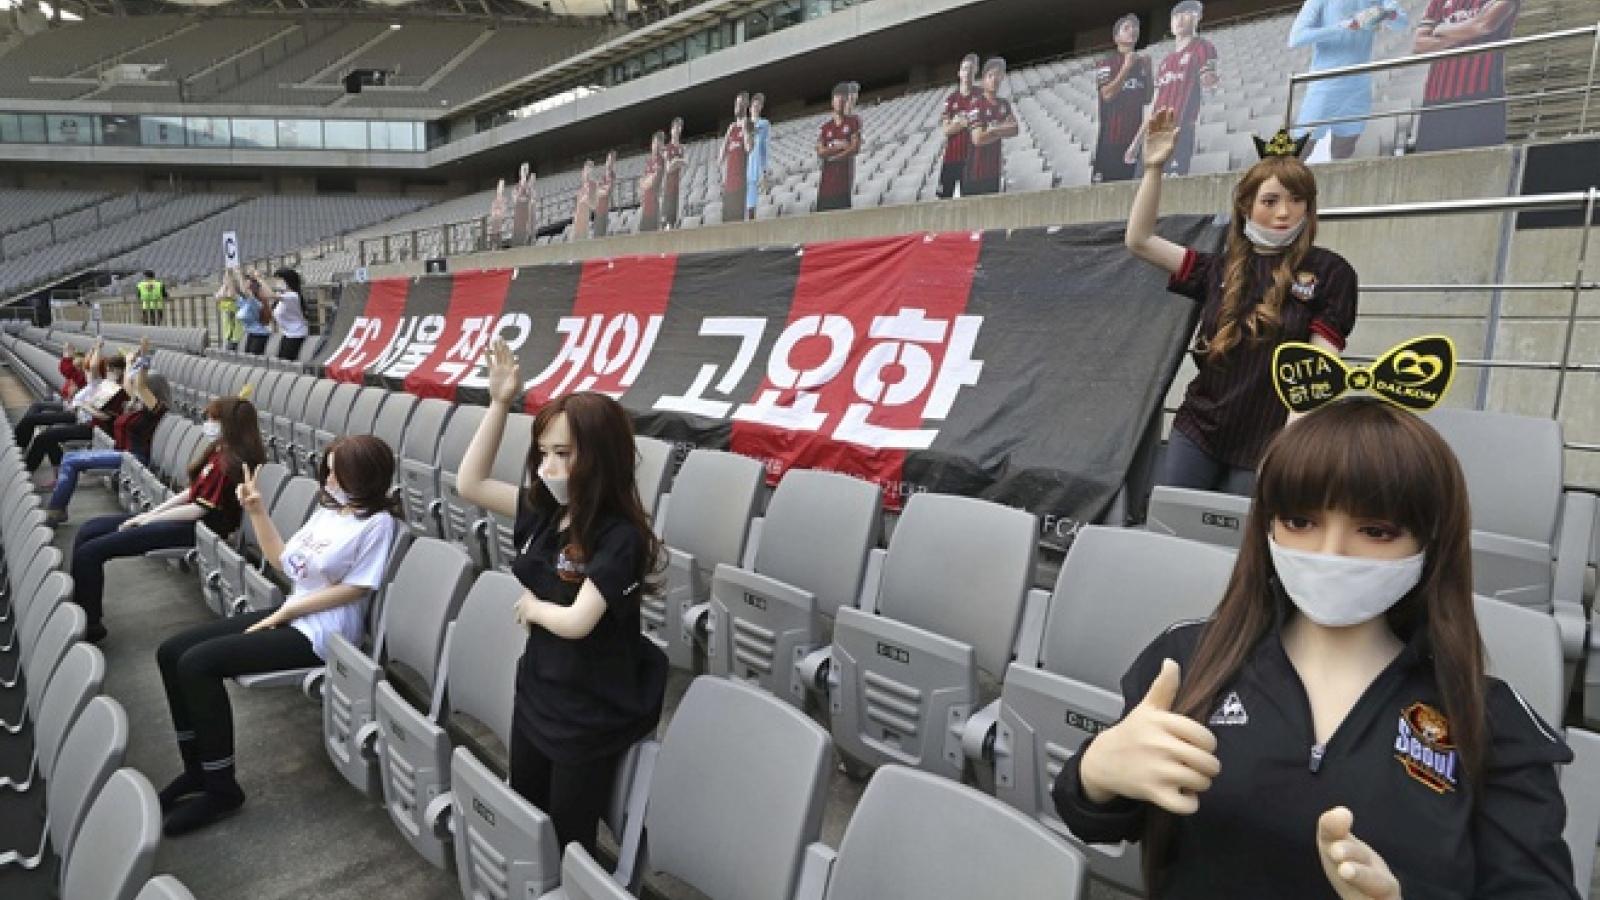 CLB Hàn Quốc bị phạt nặng vì sử dụng búp bê tình dục trên SVĐ